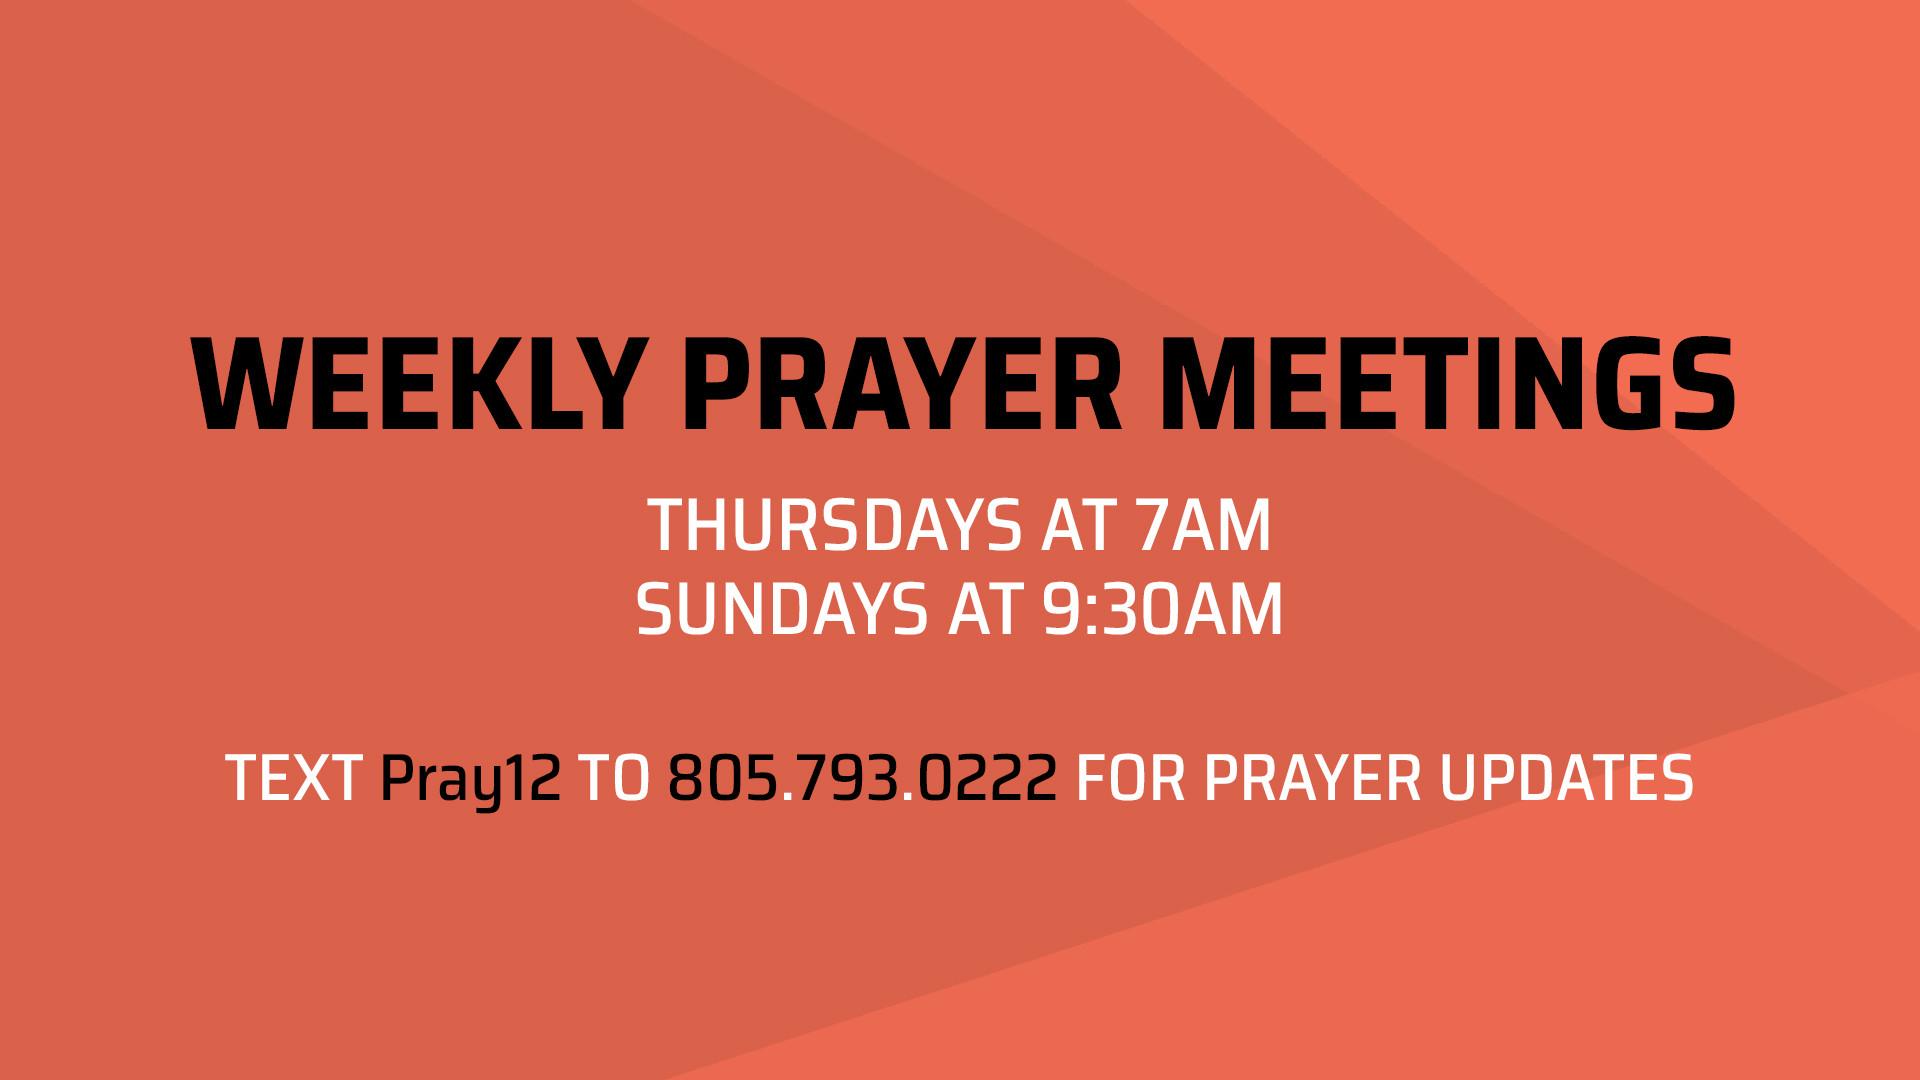 prayer meetings.jpg